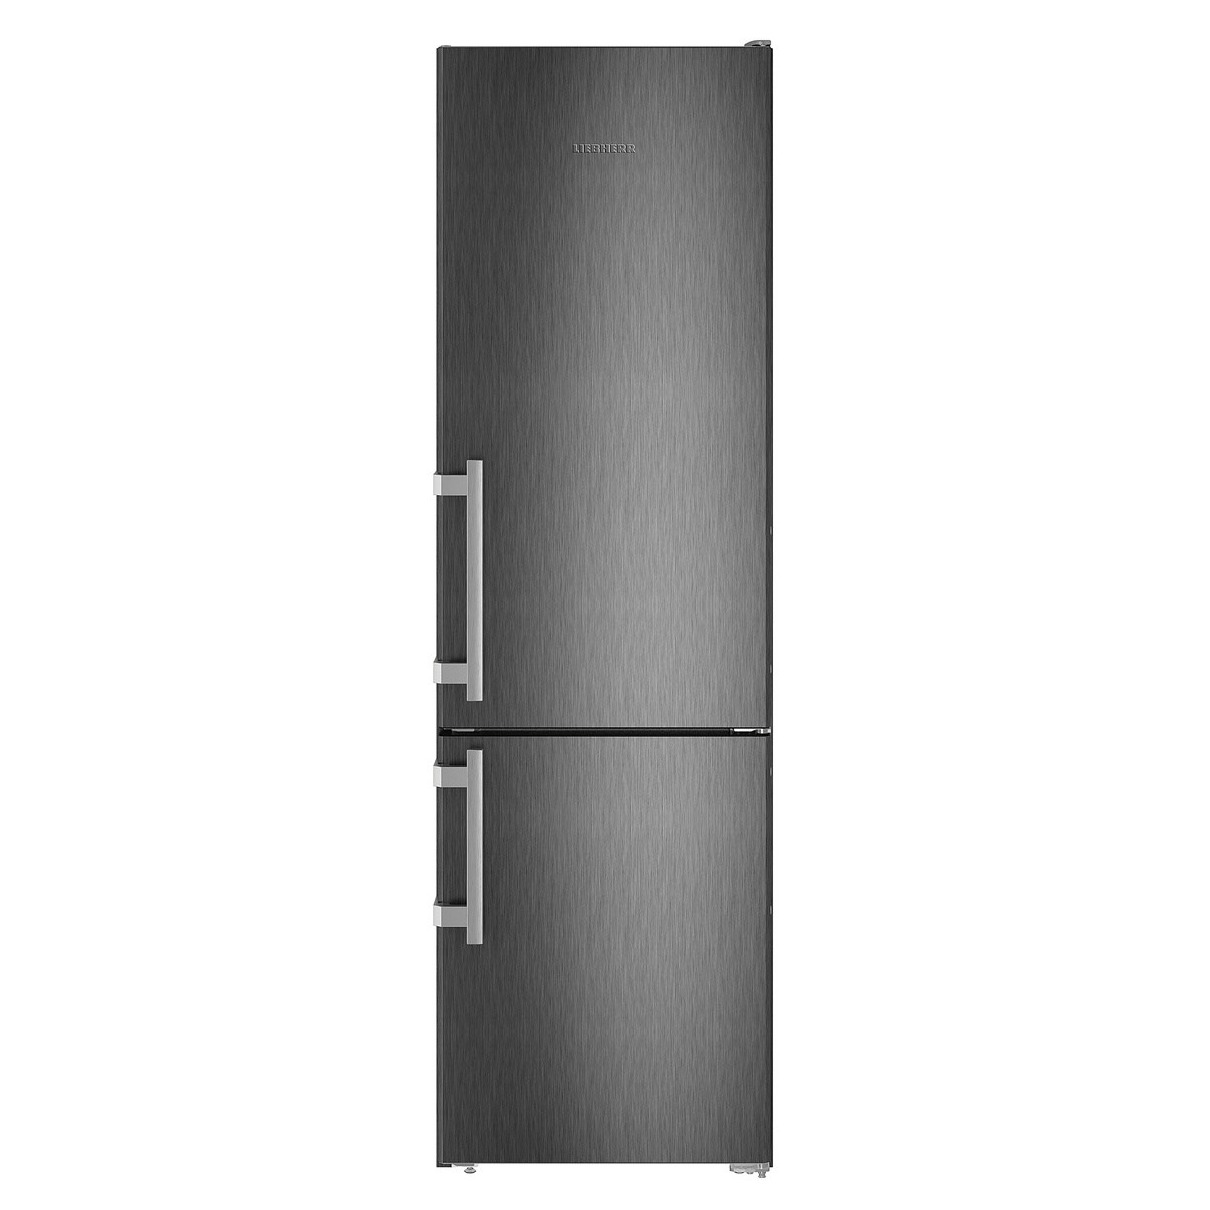 Liebherr koelkast met vriesvak CNbs 4015-20 - Prijsvergelijk